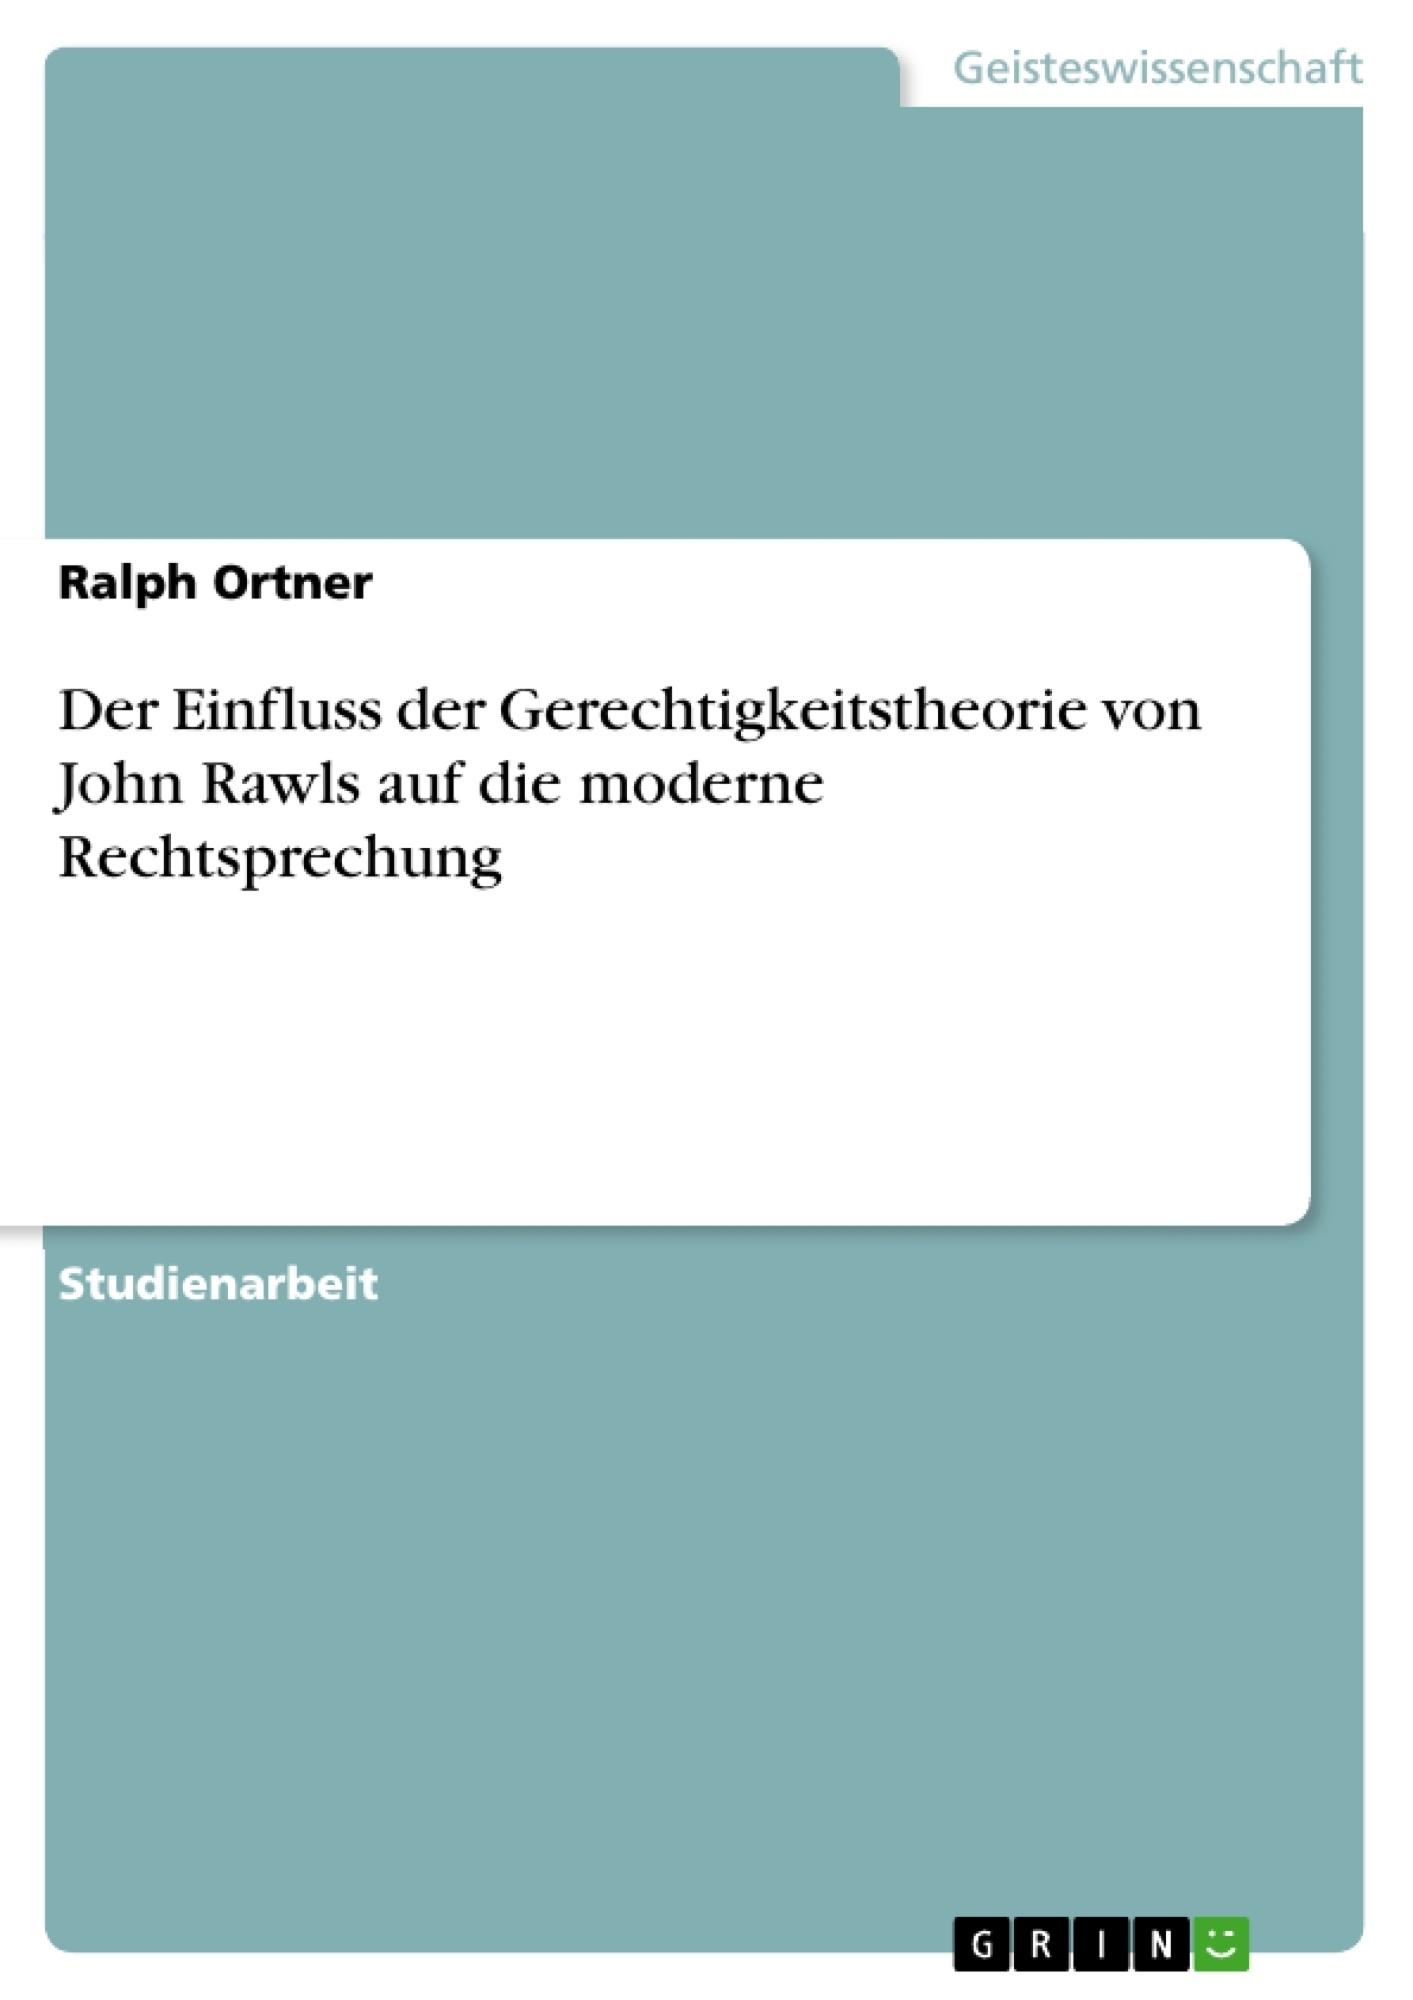 Titel: Der Einfluss der Gerechtigkeitstheorie von John Rawls auf die moderne Rechtsprechung